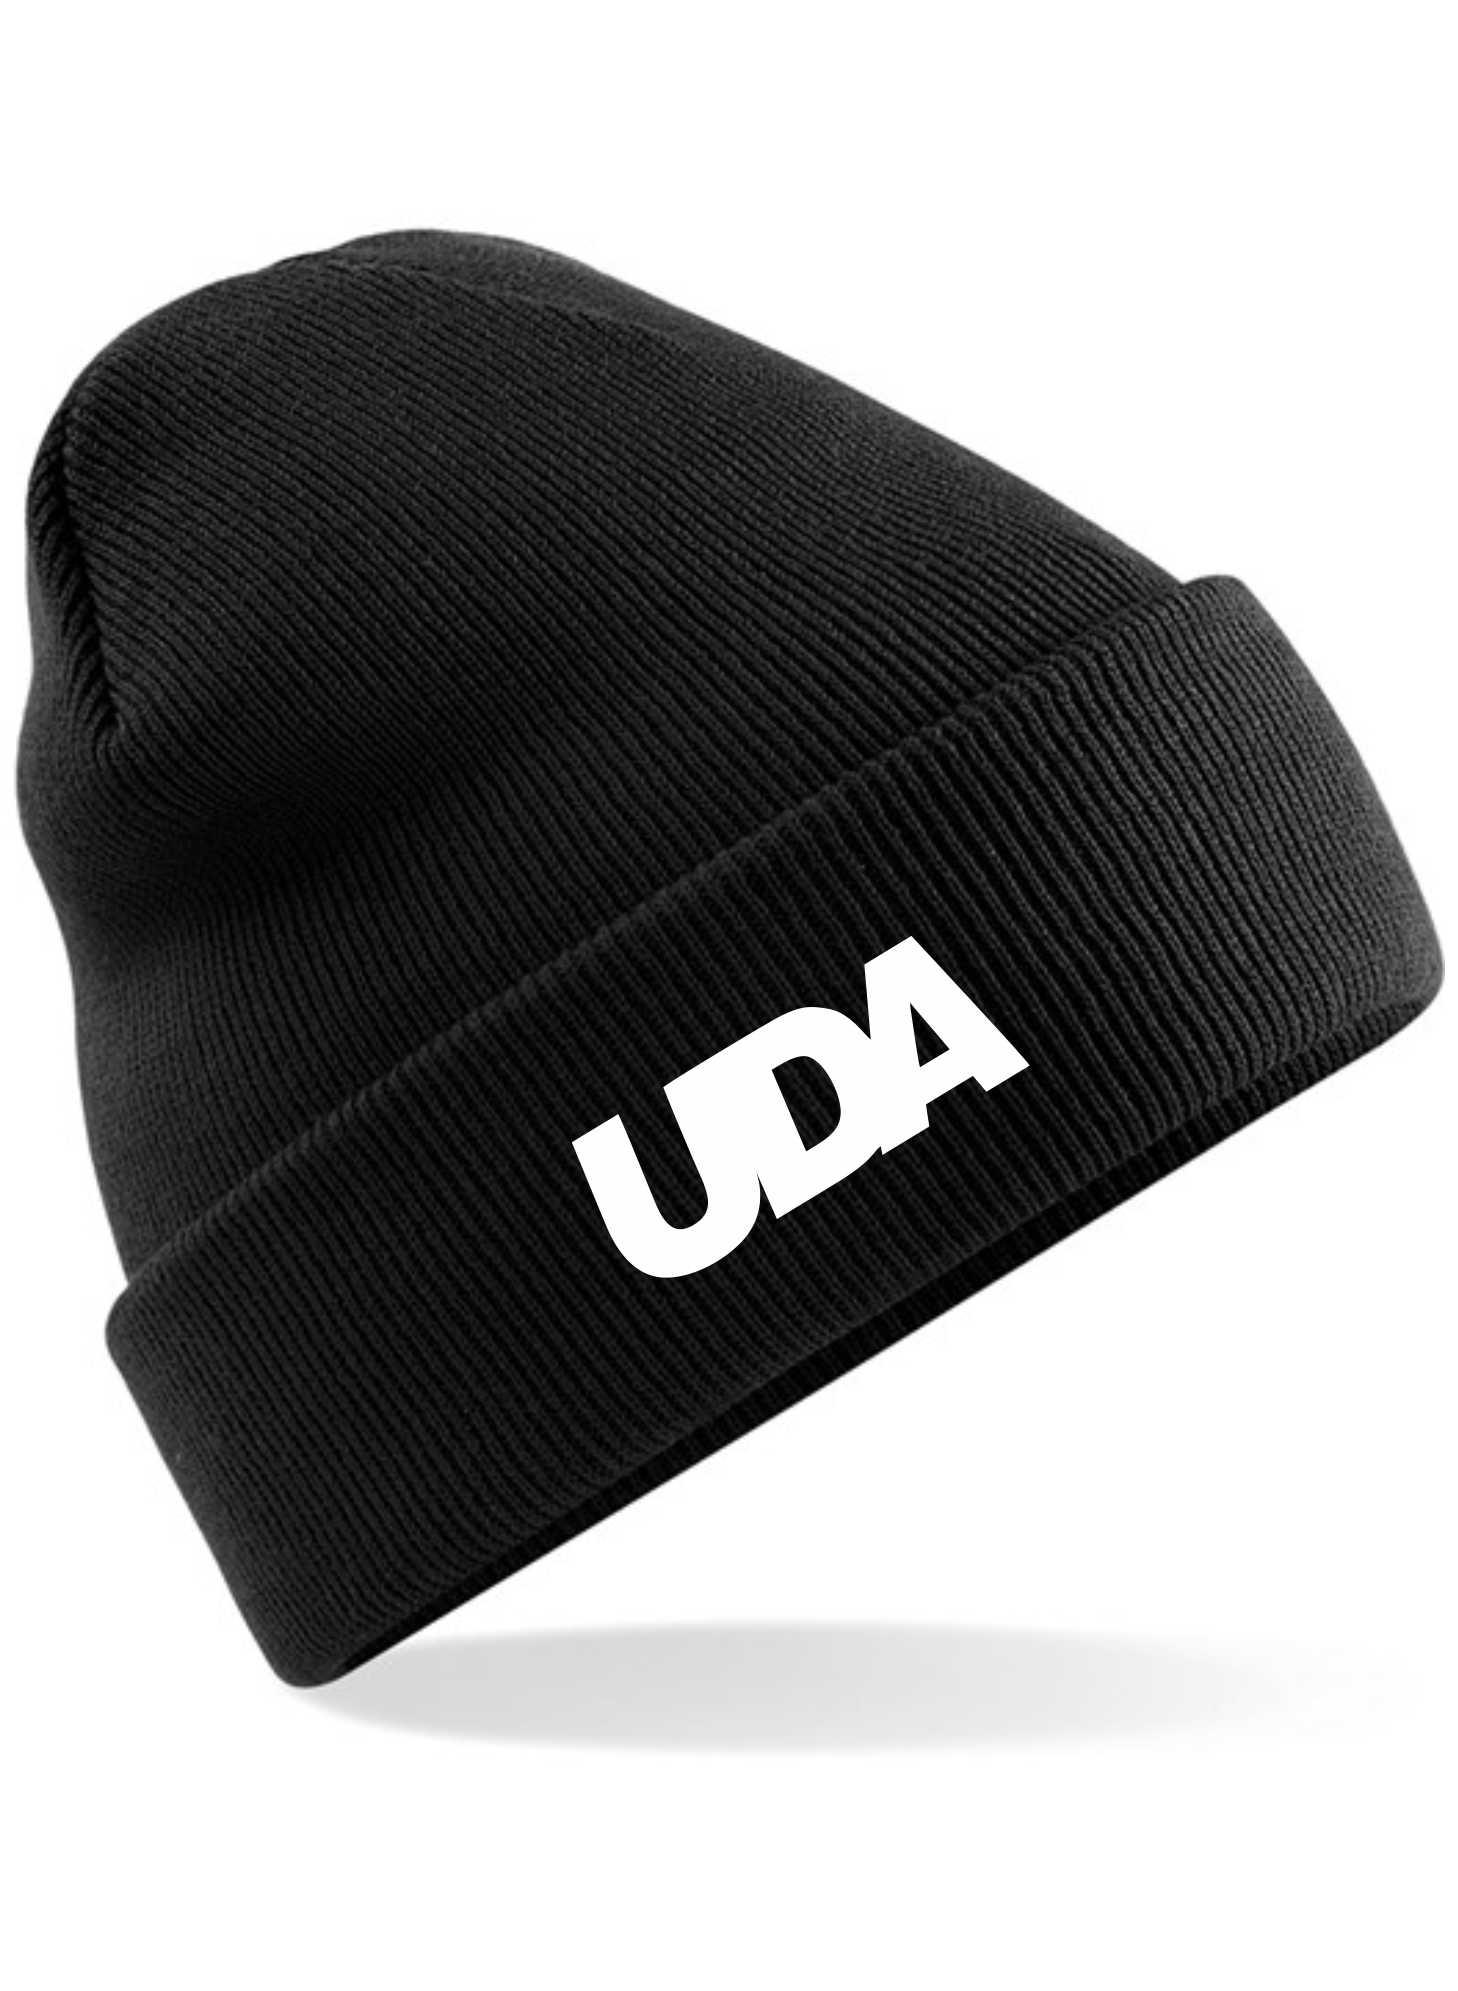 UDA – Beanie (Black)